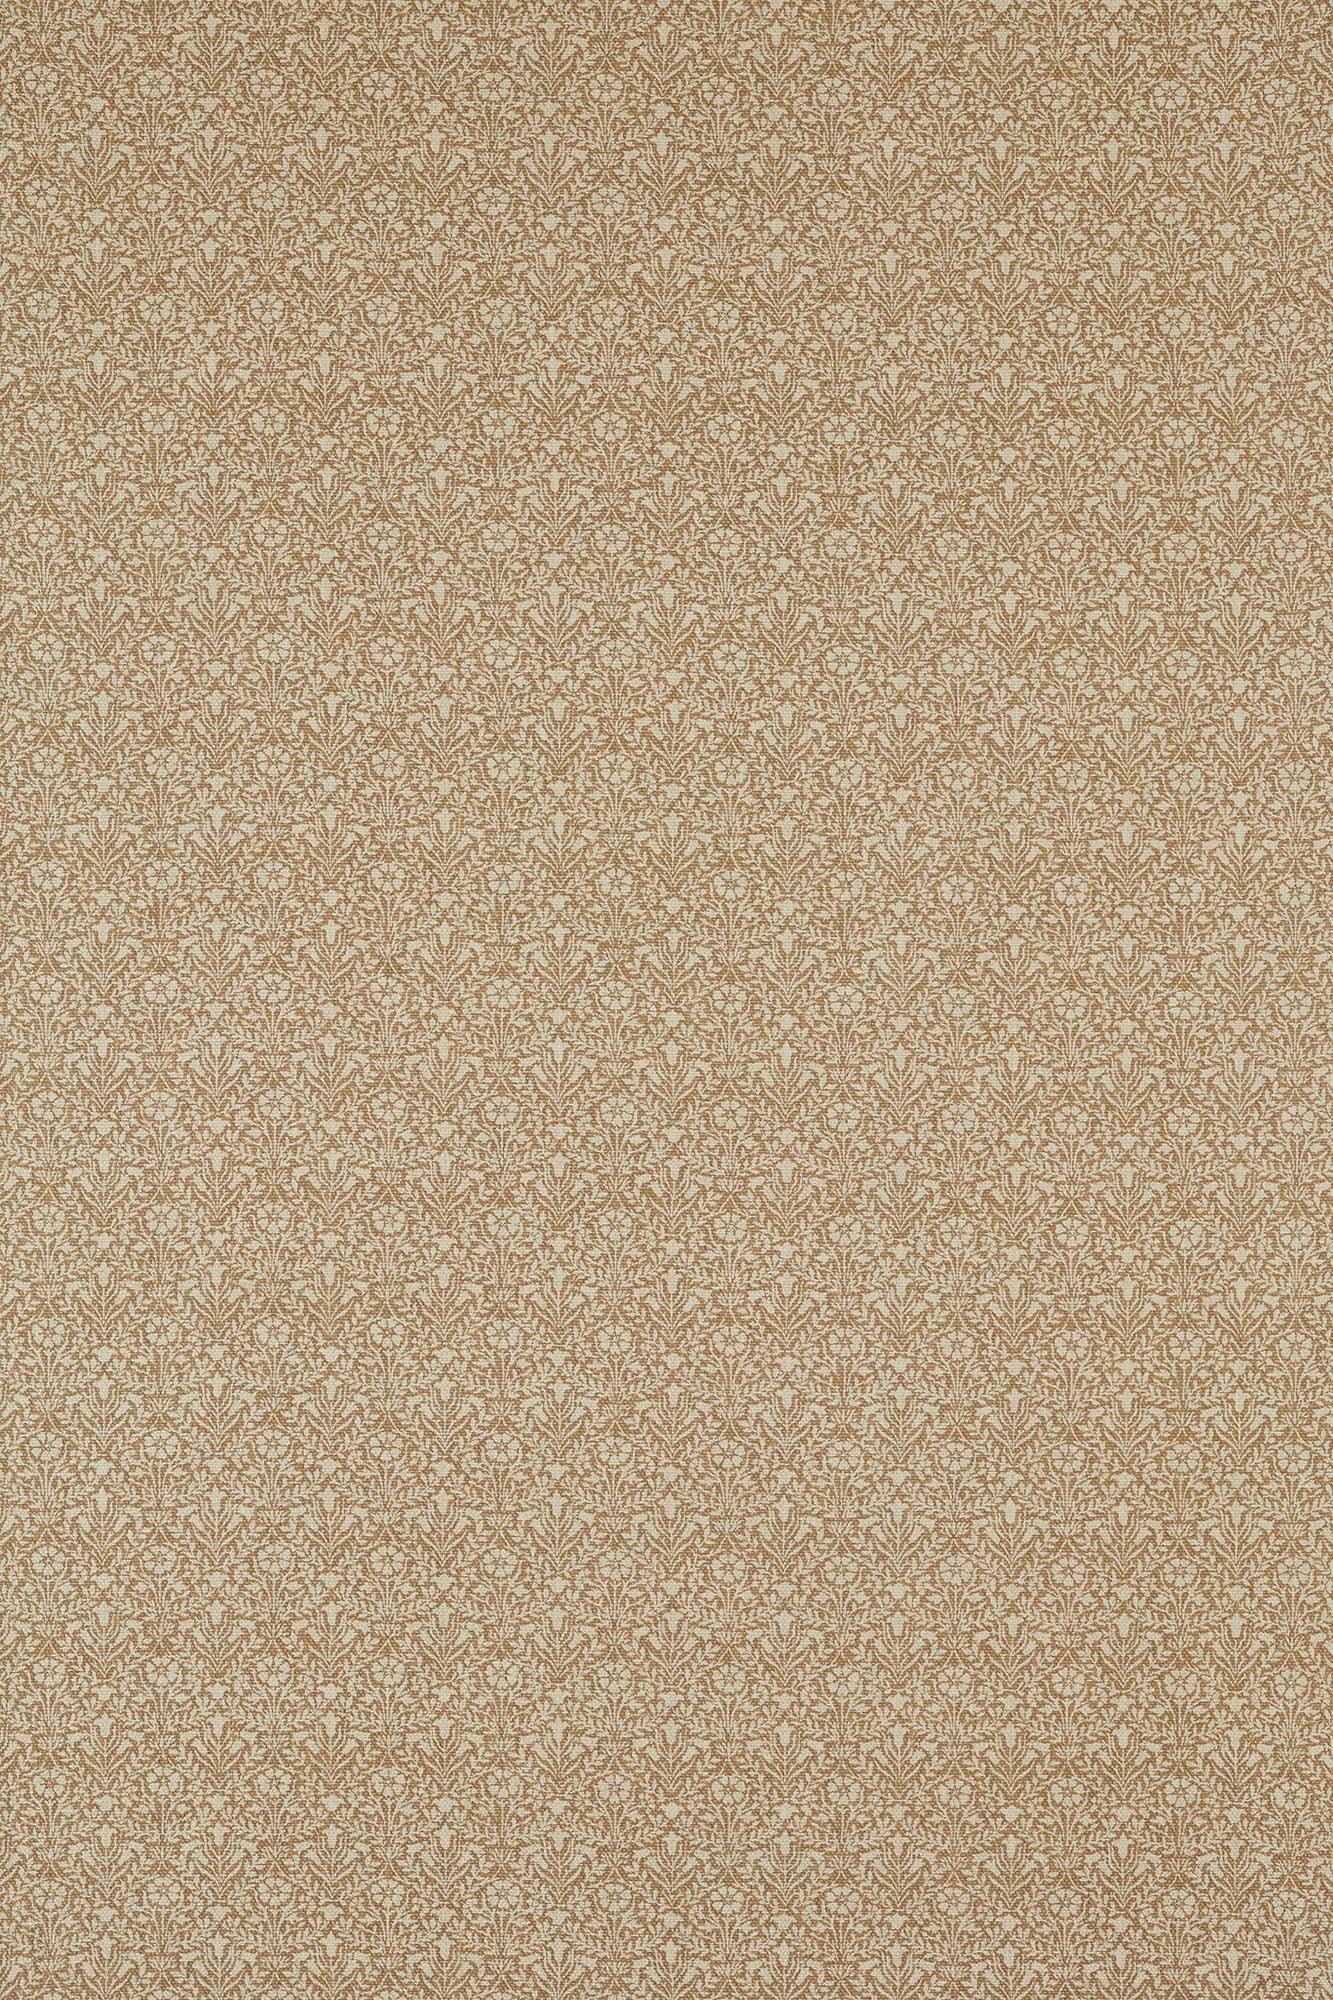 ウィリアムモリス生地 Bellflowers Weave 236524